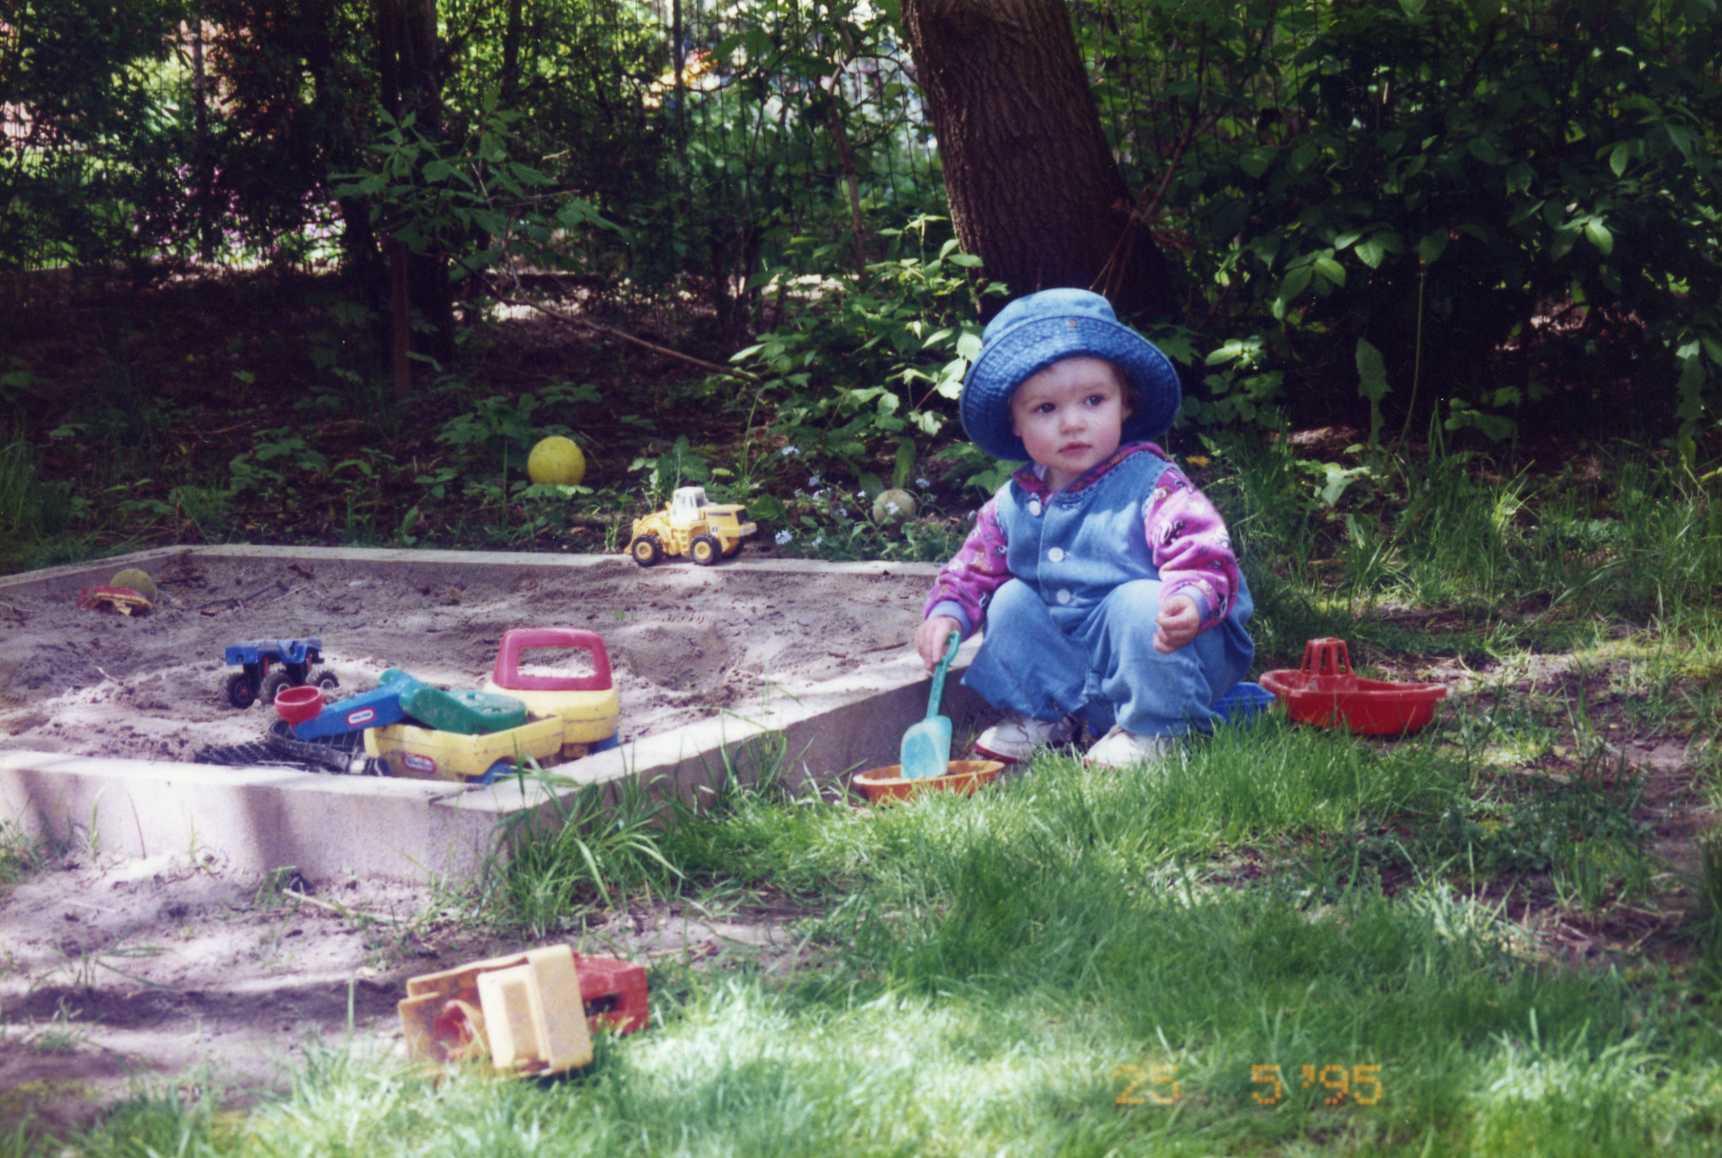 Foto från 1995. Mindy i sandlådan. Inga synbara irritationsobjekt (=andra barn) i närheten.